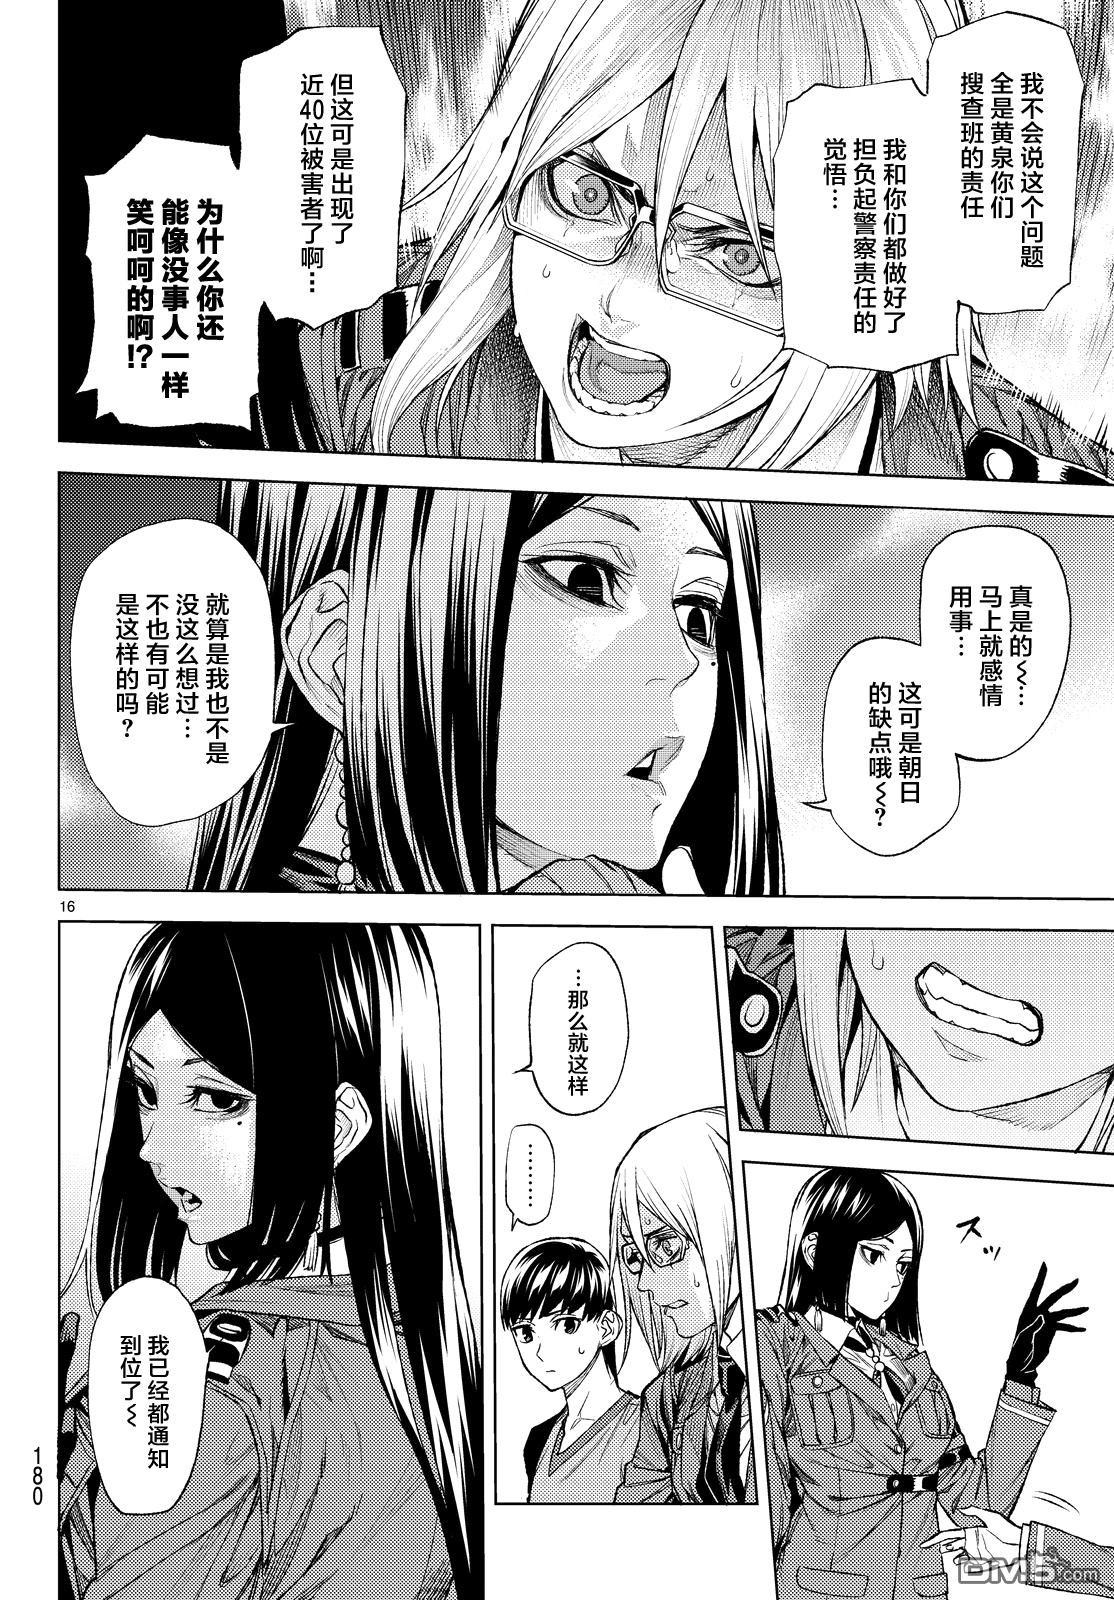 欲鬼漫畫欲鬼8話(第16頁)劇情-二次元動漫